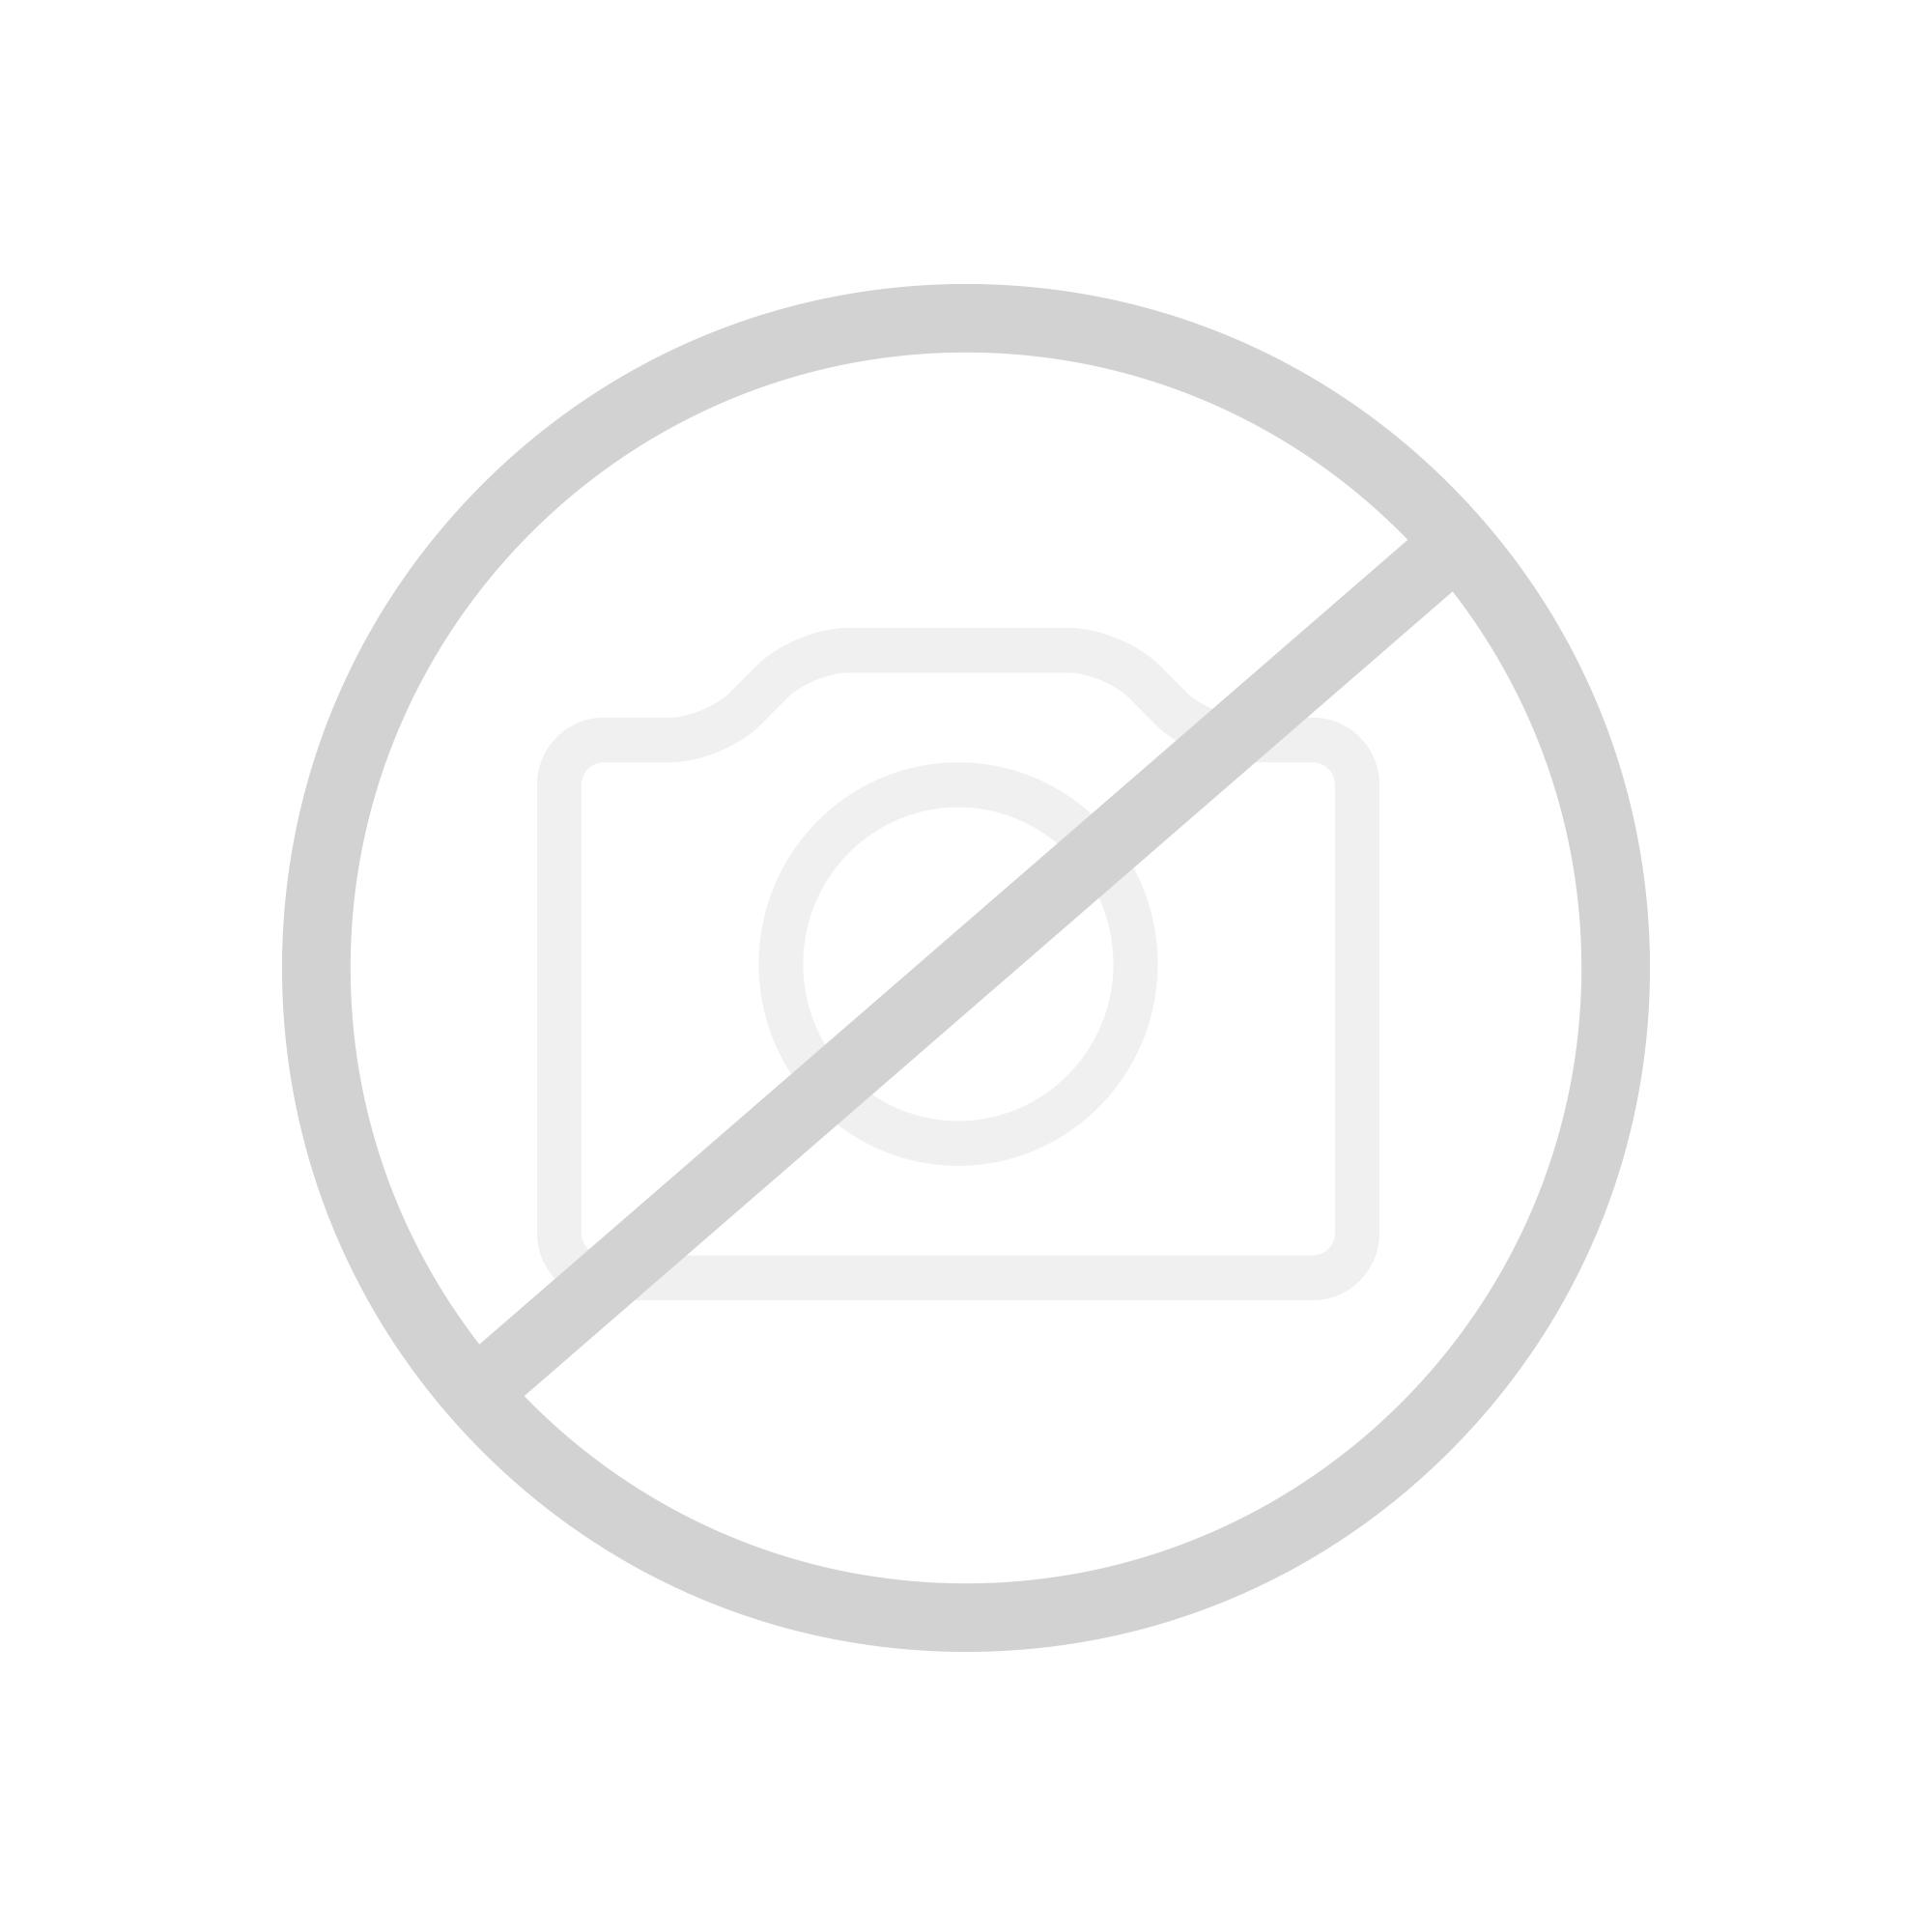 Keuco Edition 11 Spiegelschrank ohne integrierter Bluetooth Schnittstelle